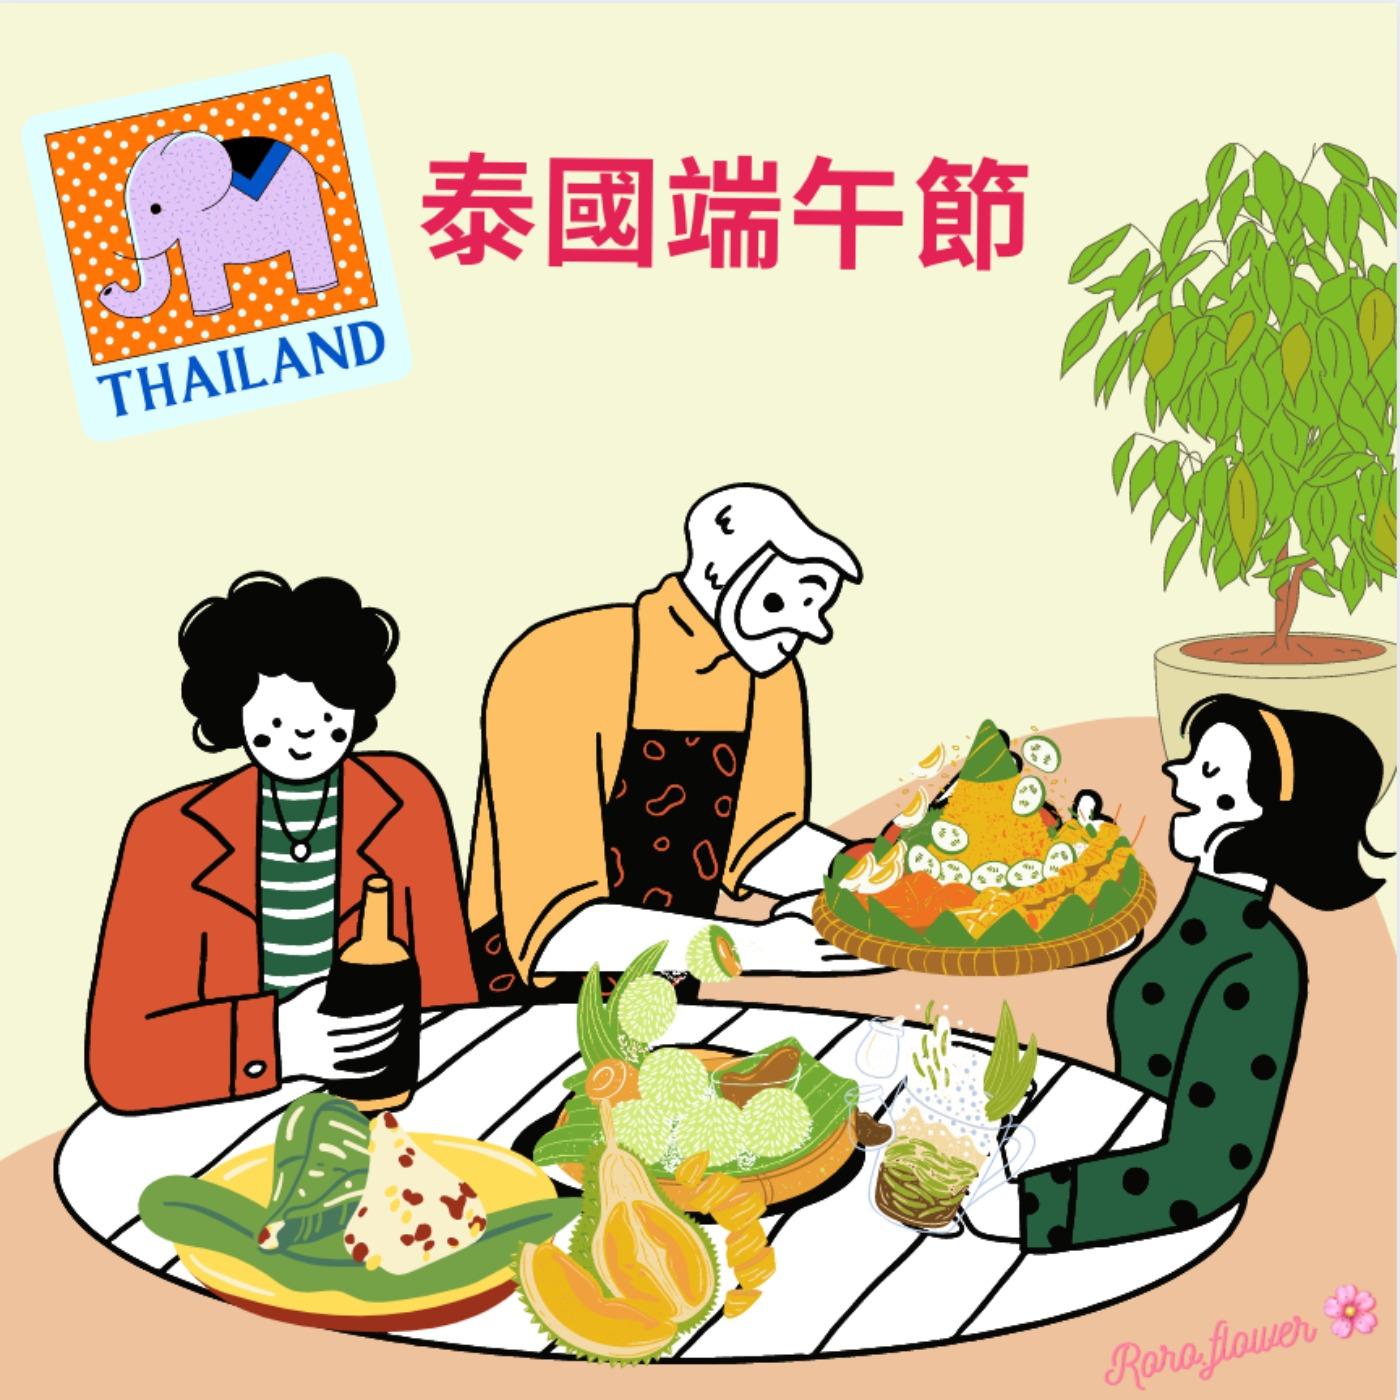 節慶典故:泰國端午節由來及習俗(榴槤入粽裡😋)